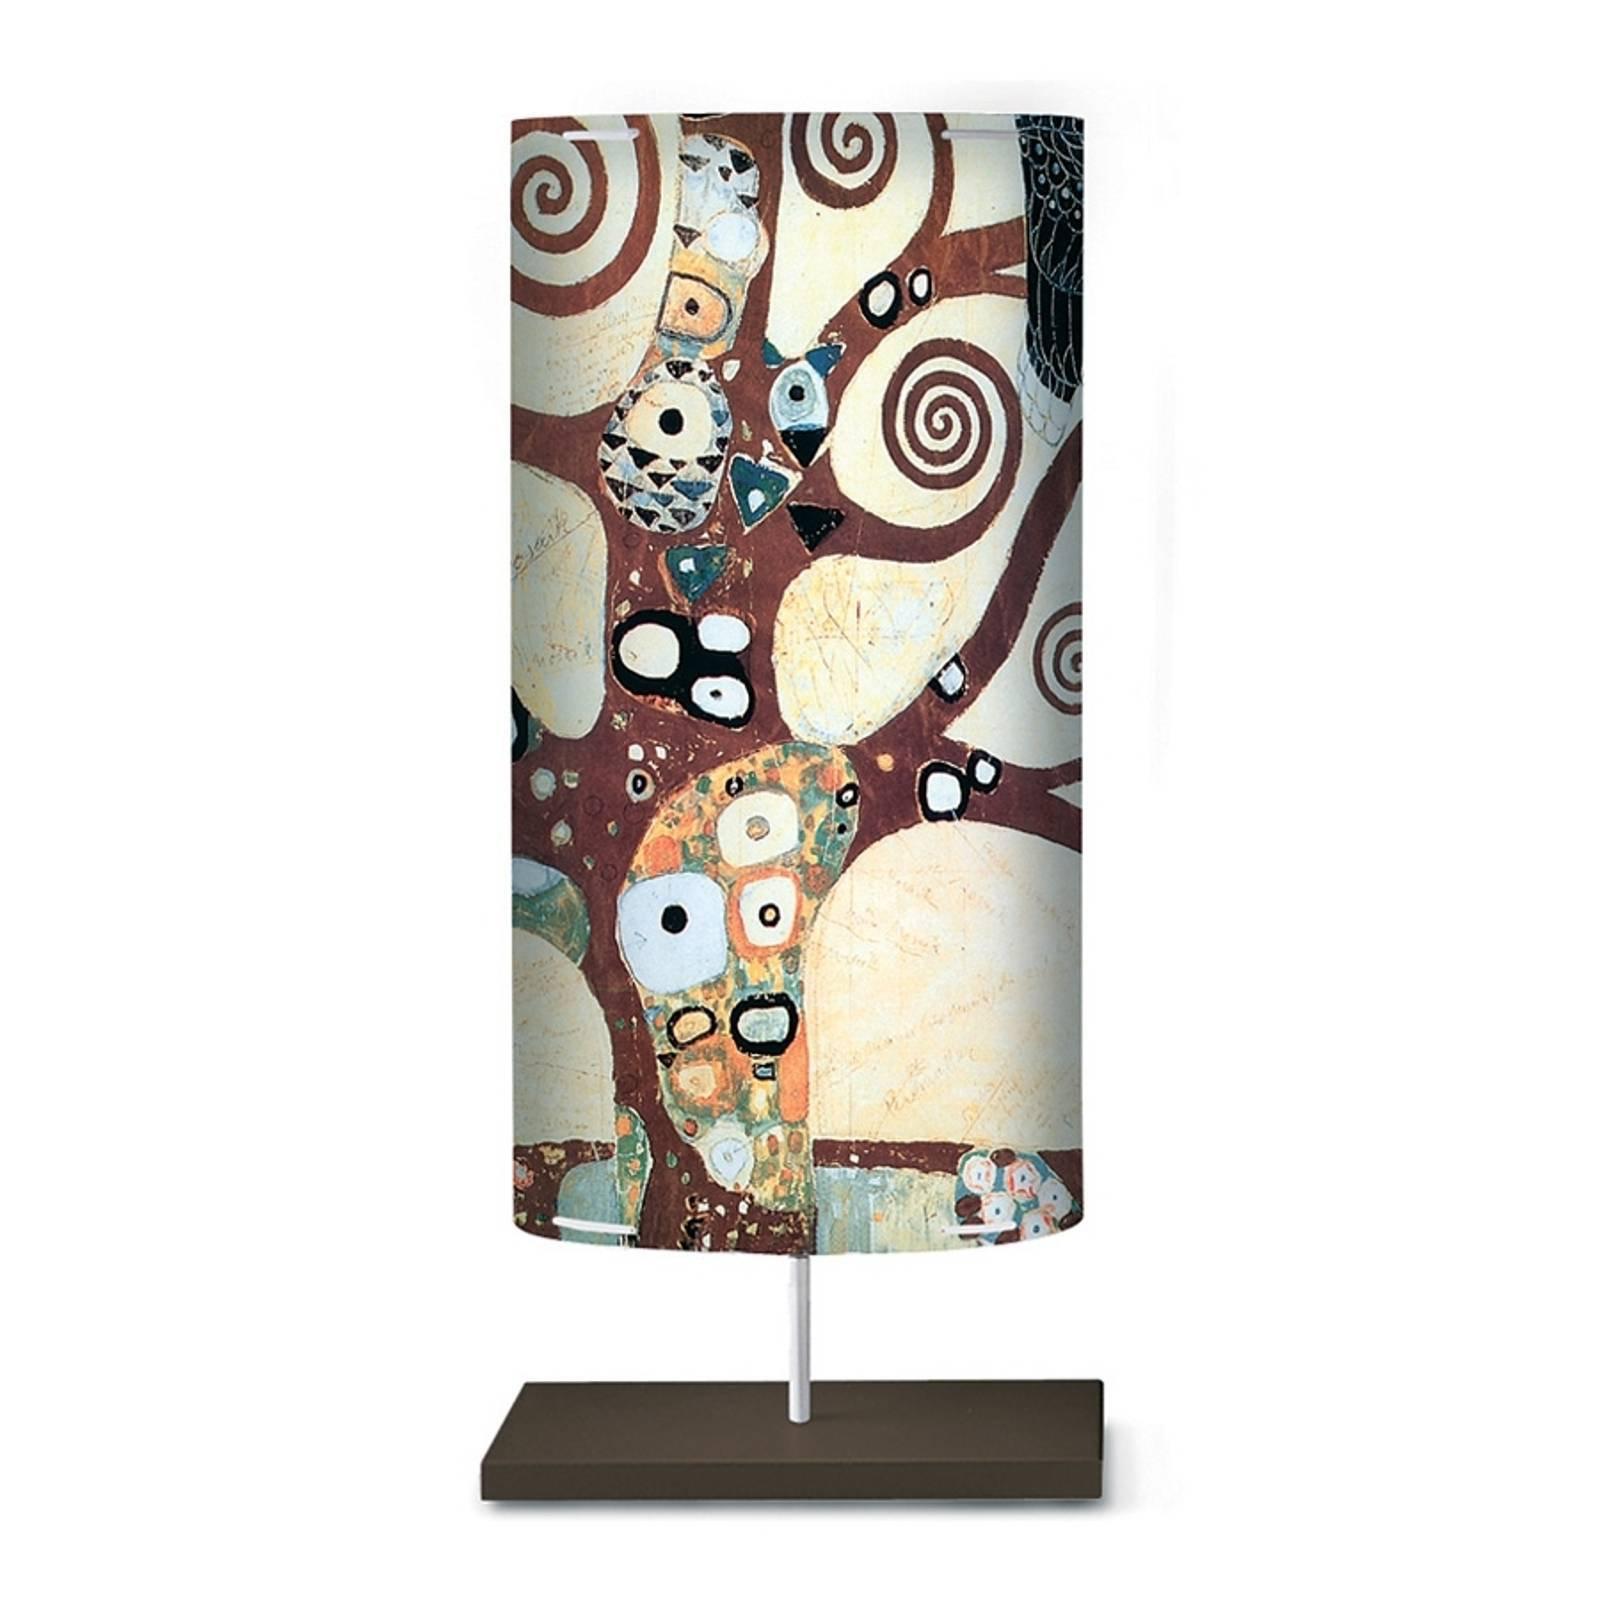 Stålampen Klimt I med kunstmotiv